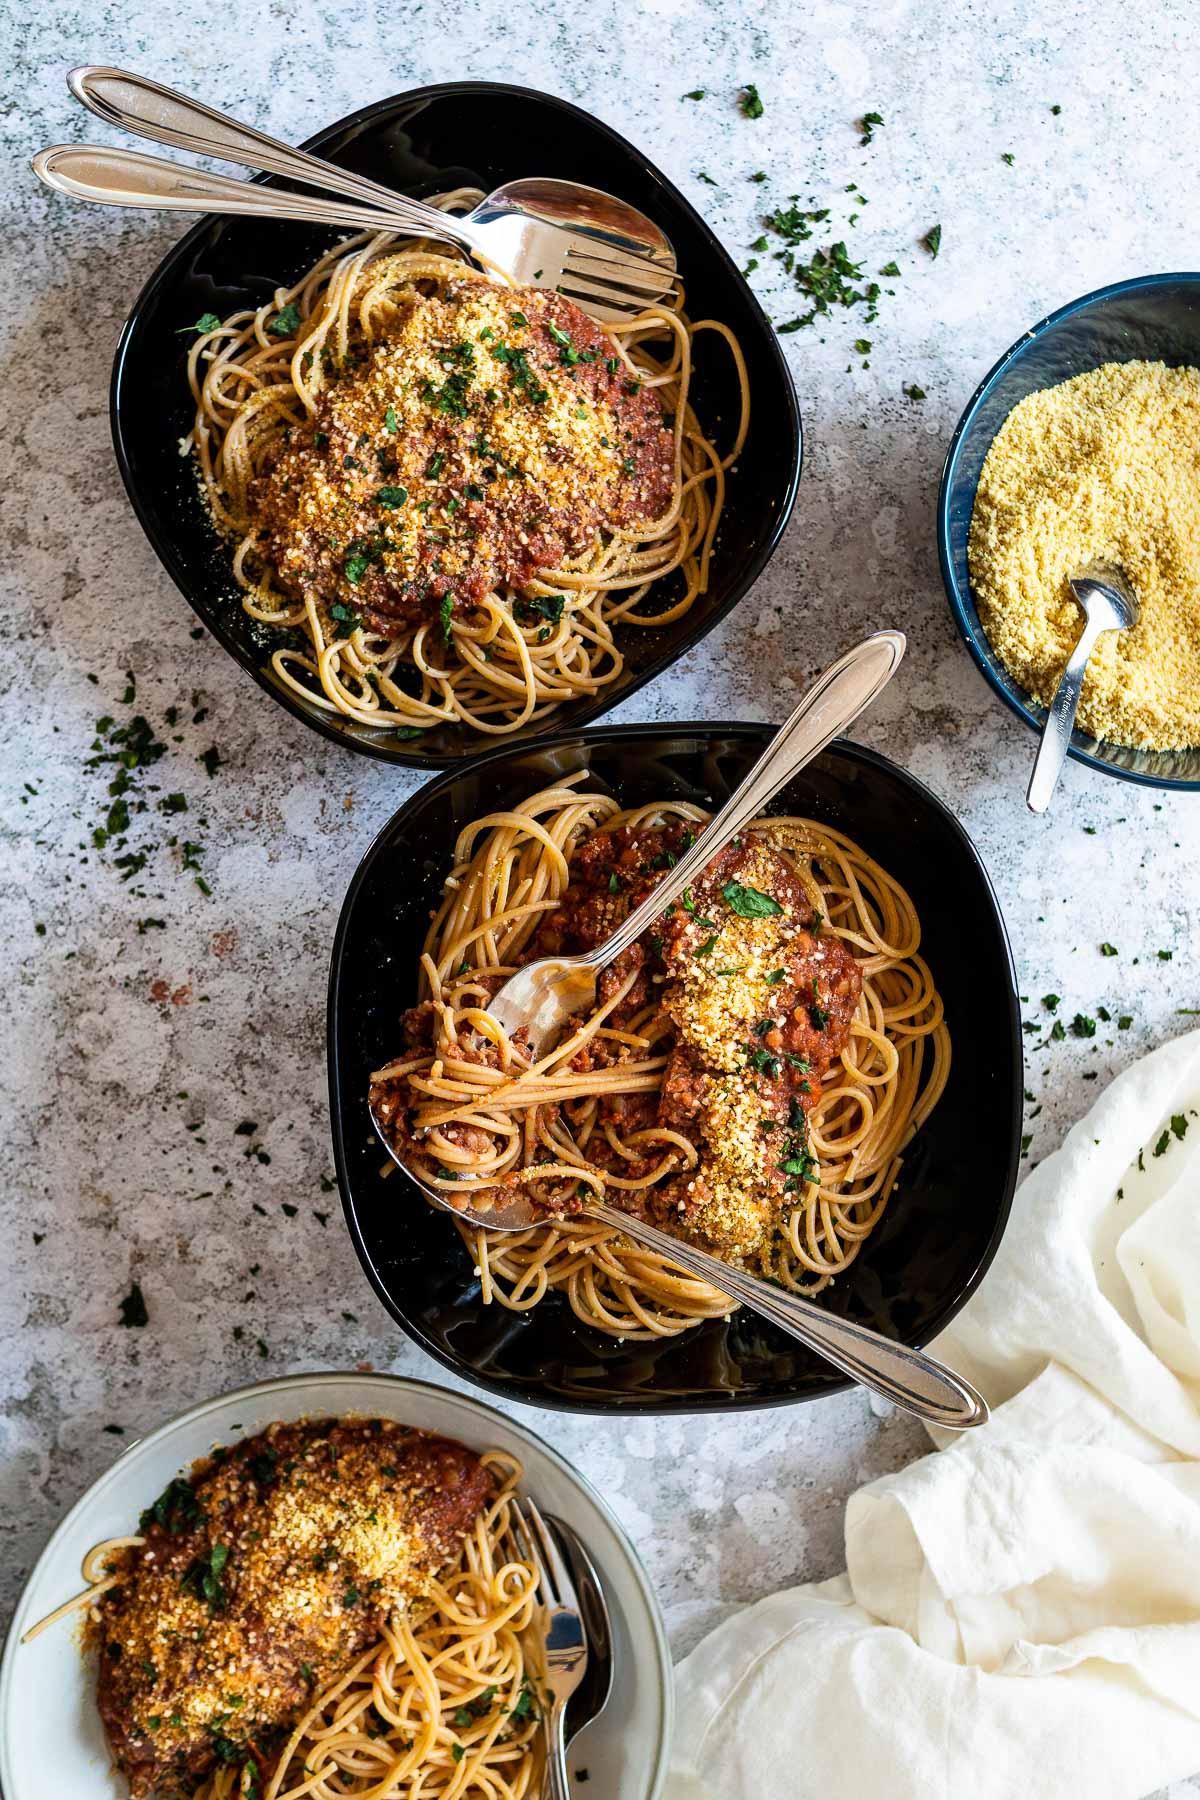 3 Nudelschalen mit Spaghetti und veganer Bolognese-Sauce mit etwas veganem Parmesan